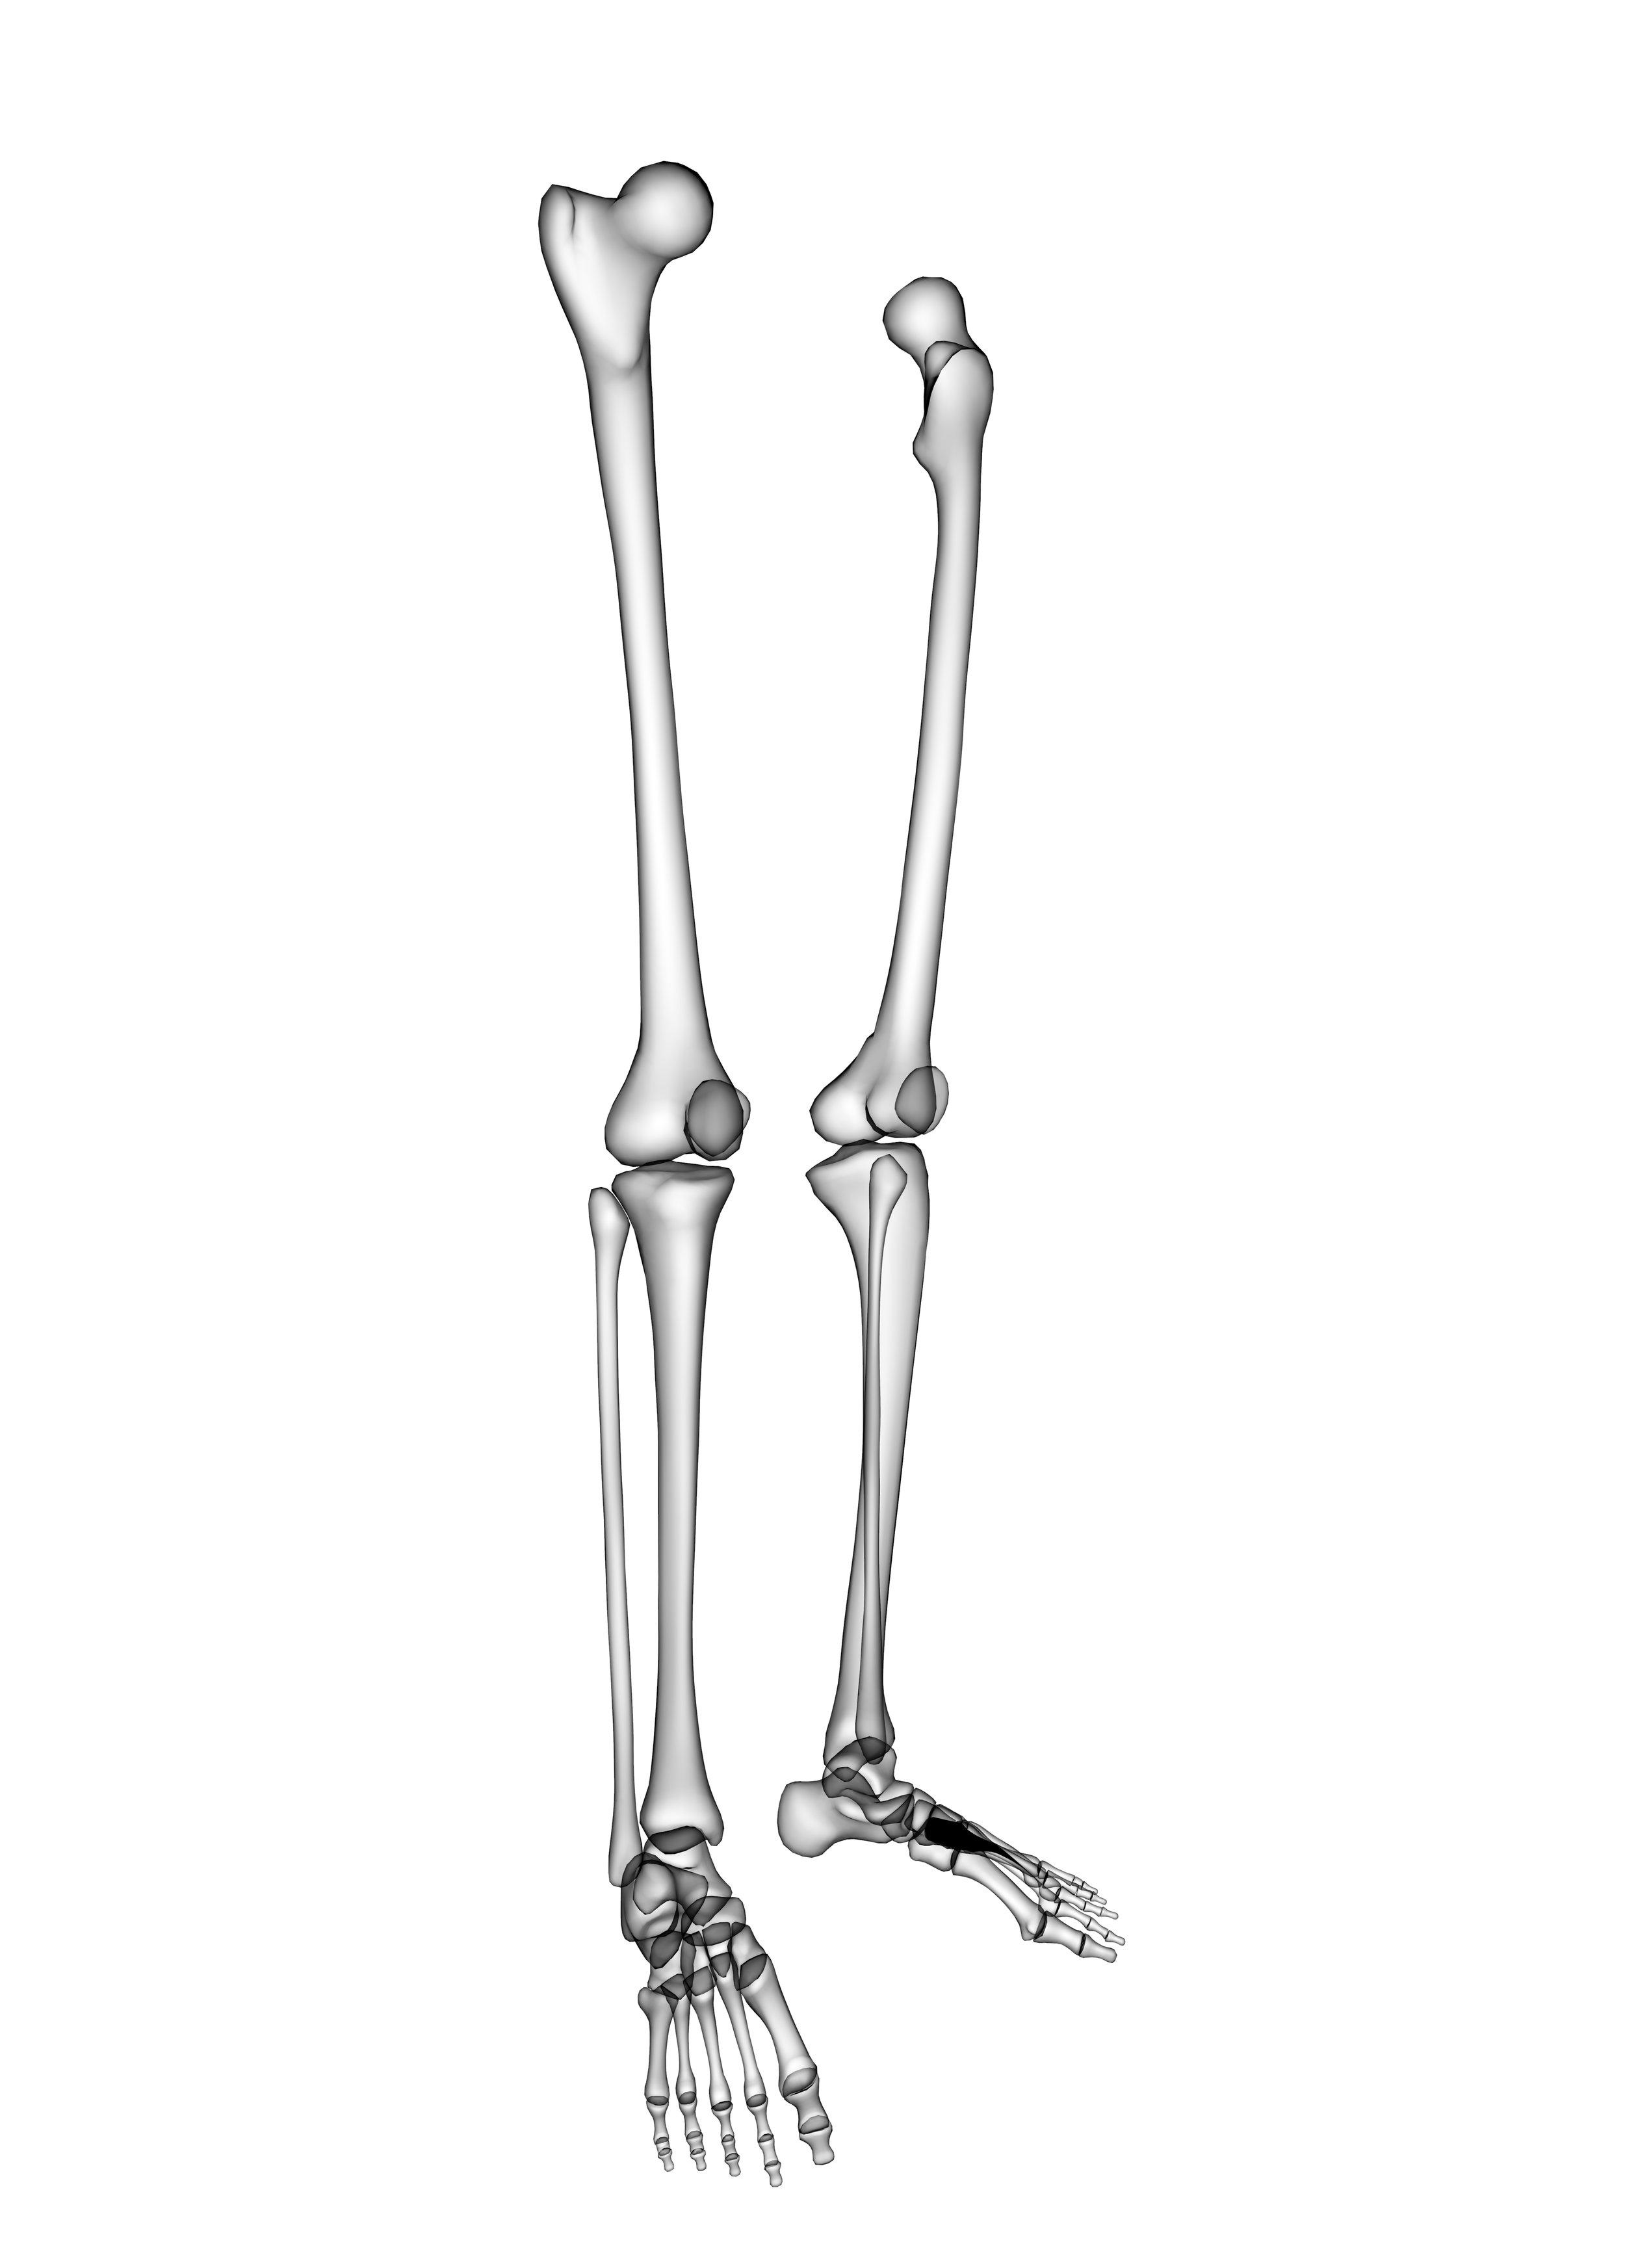 skeletal legs standing up.jpg